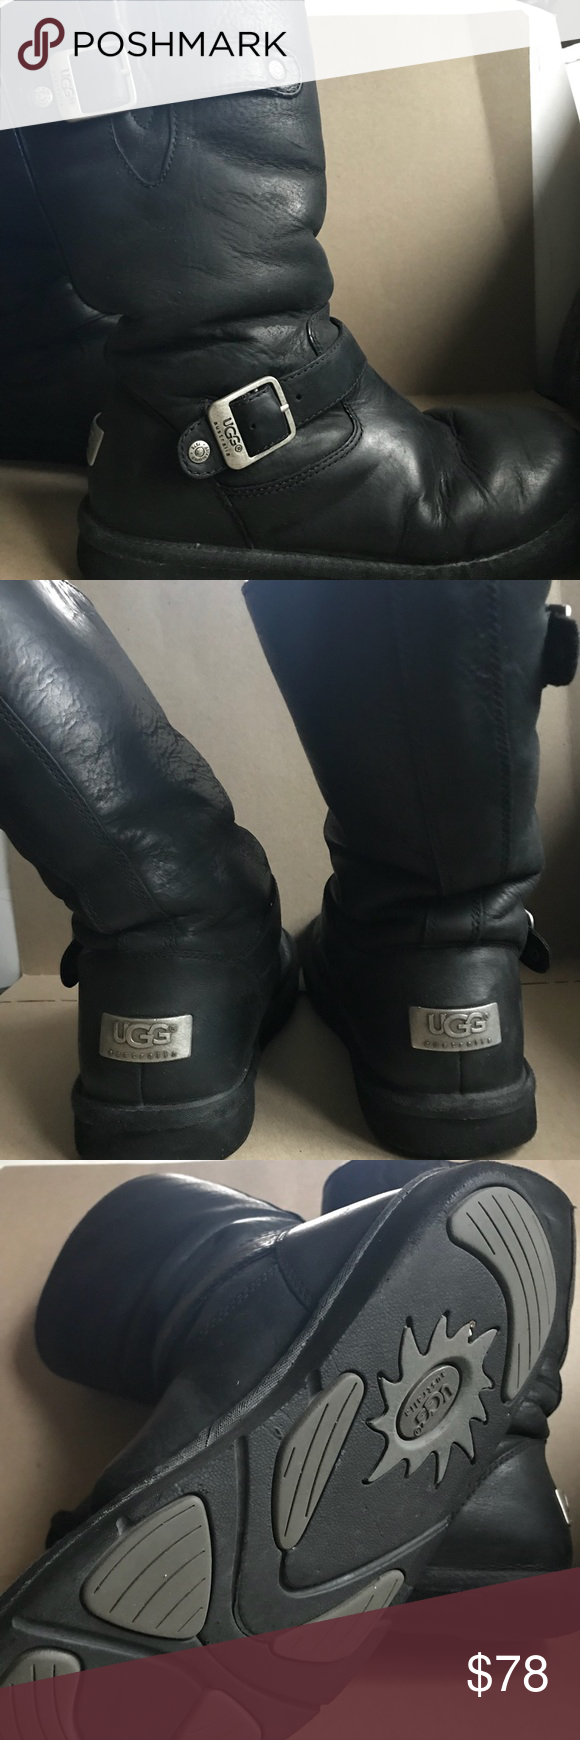 Black comfy and super clean UGG Boots  8f9118c5b